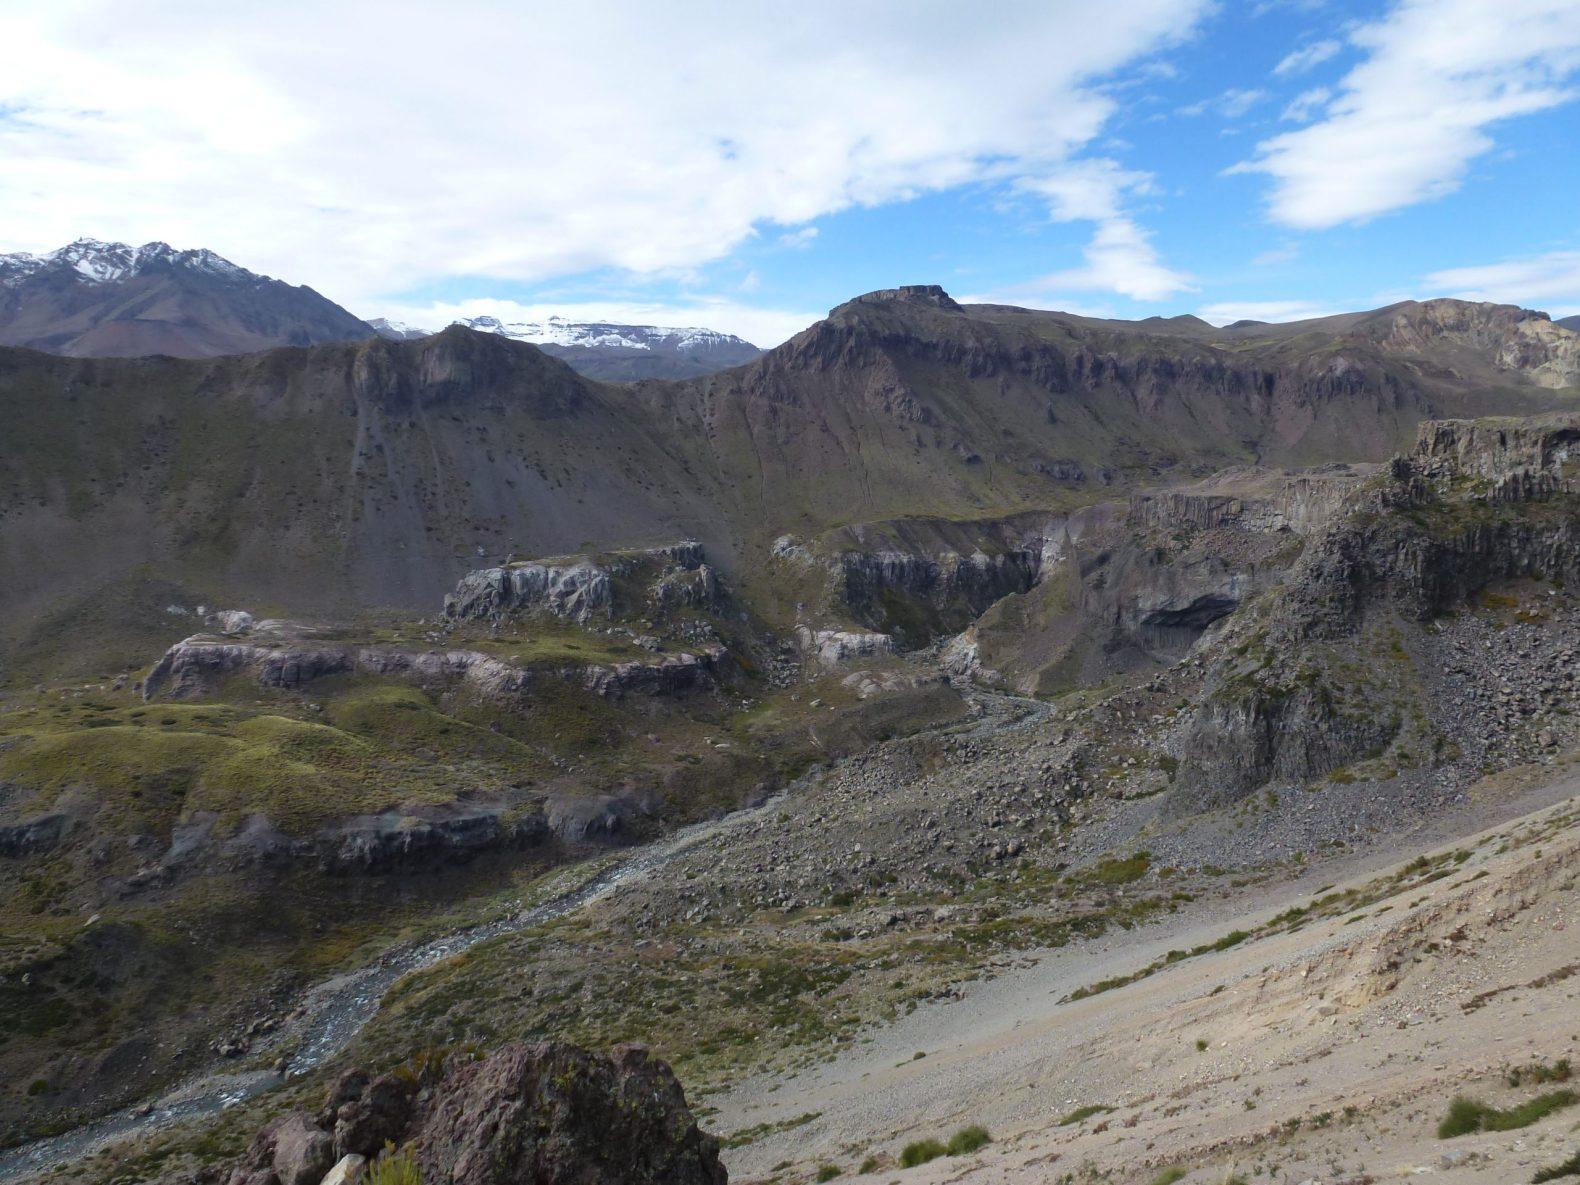 Clases Online Conocimientos Básicos de Geología – Miércoles 1, 8 y 15 de Julio, 19:30 hrs (cupos llenos)